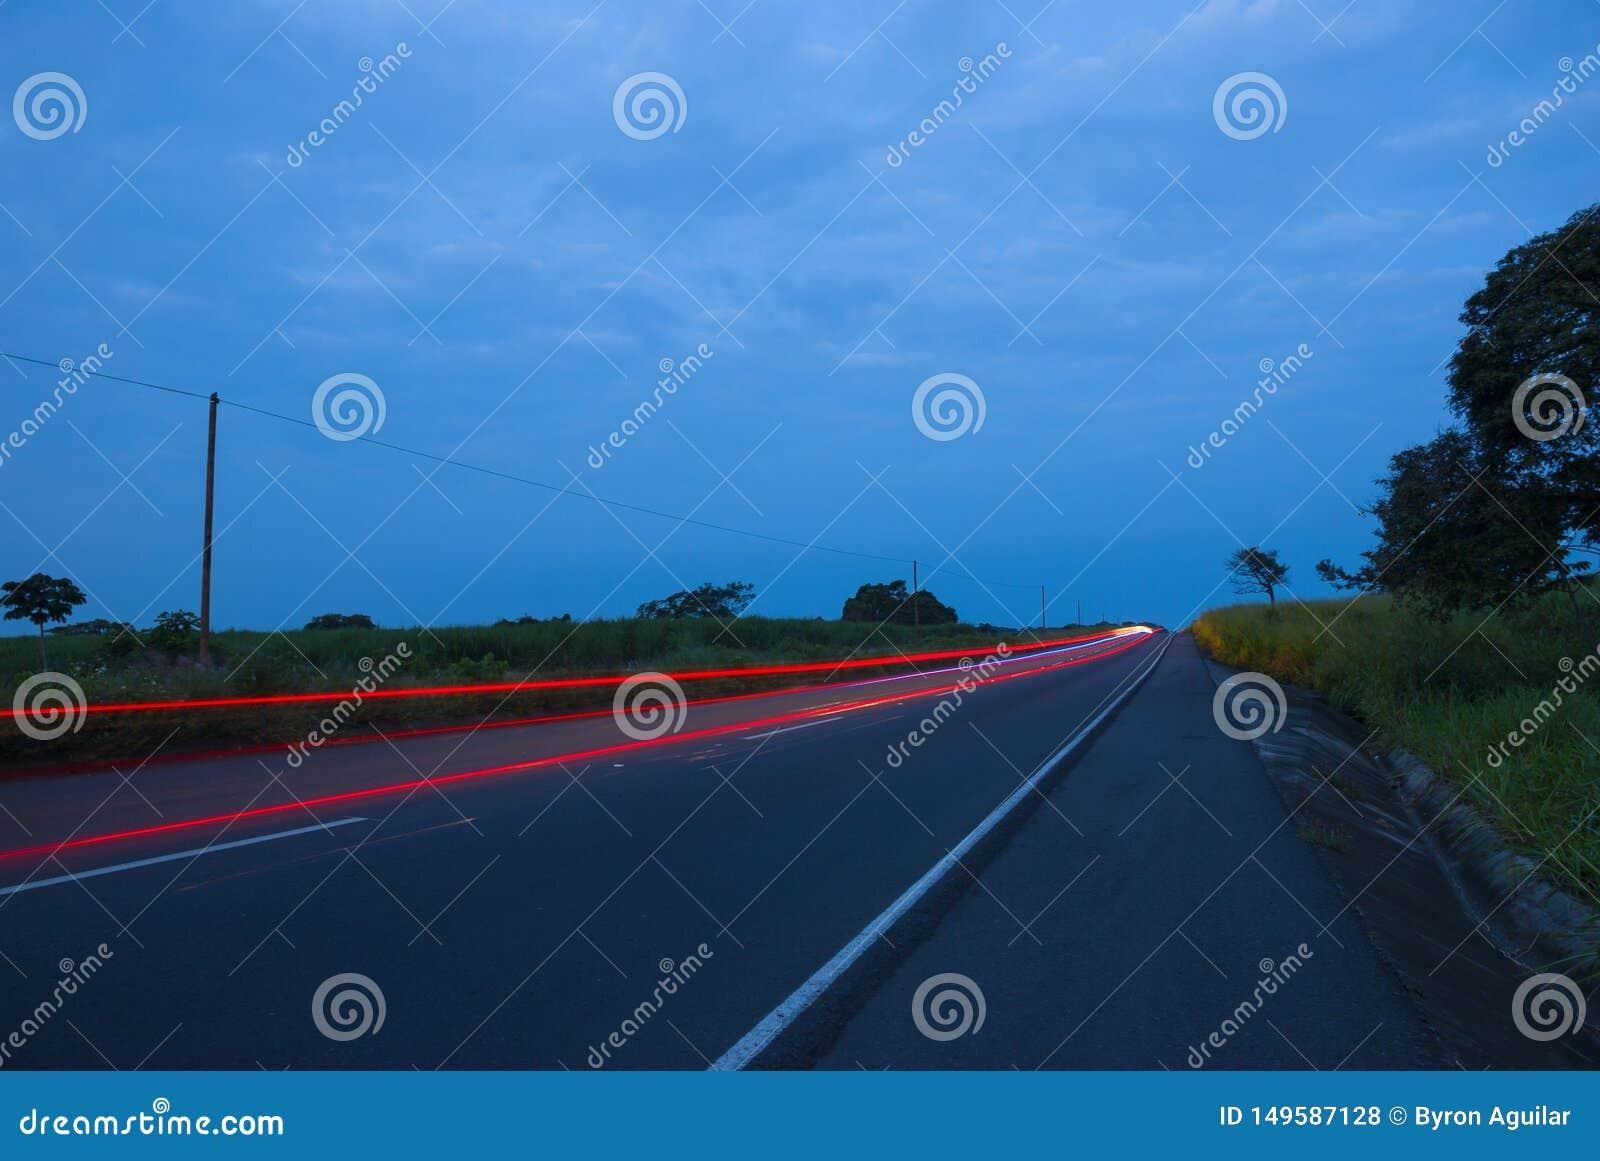 Auto s speedingon een weg, Guatemala, Midden-Amerika, snelheidsauto